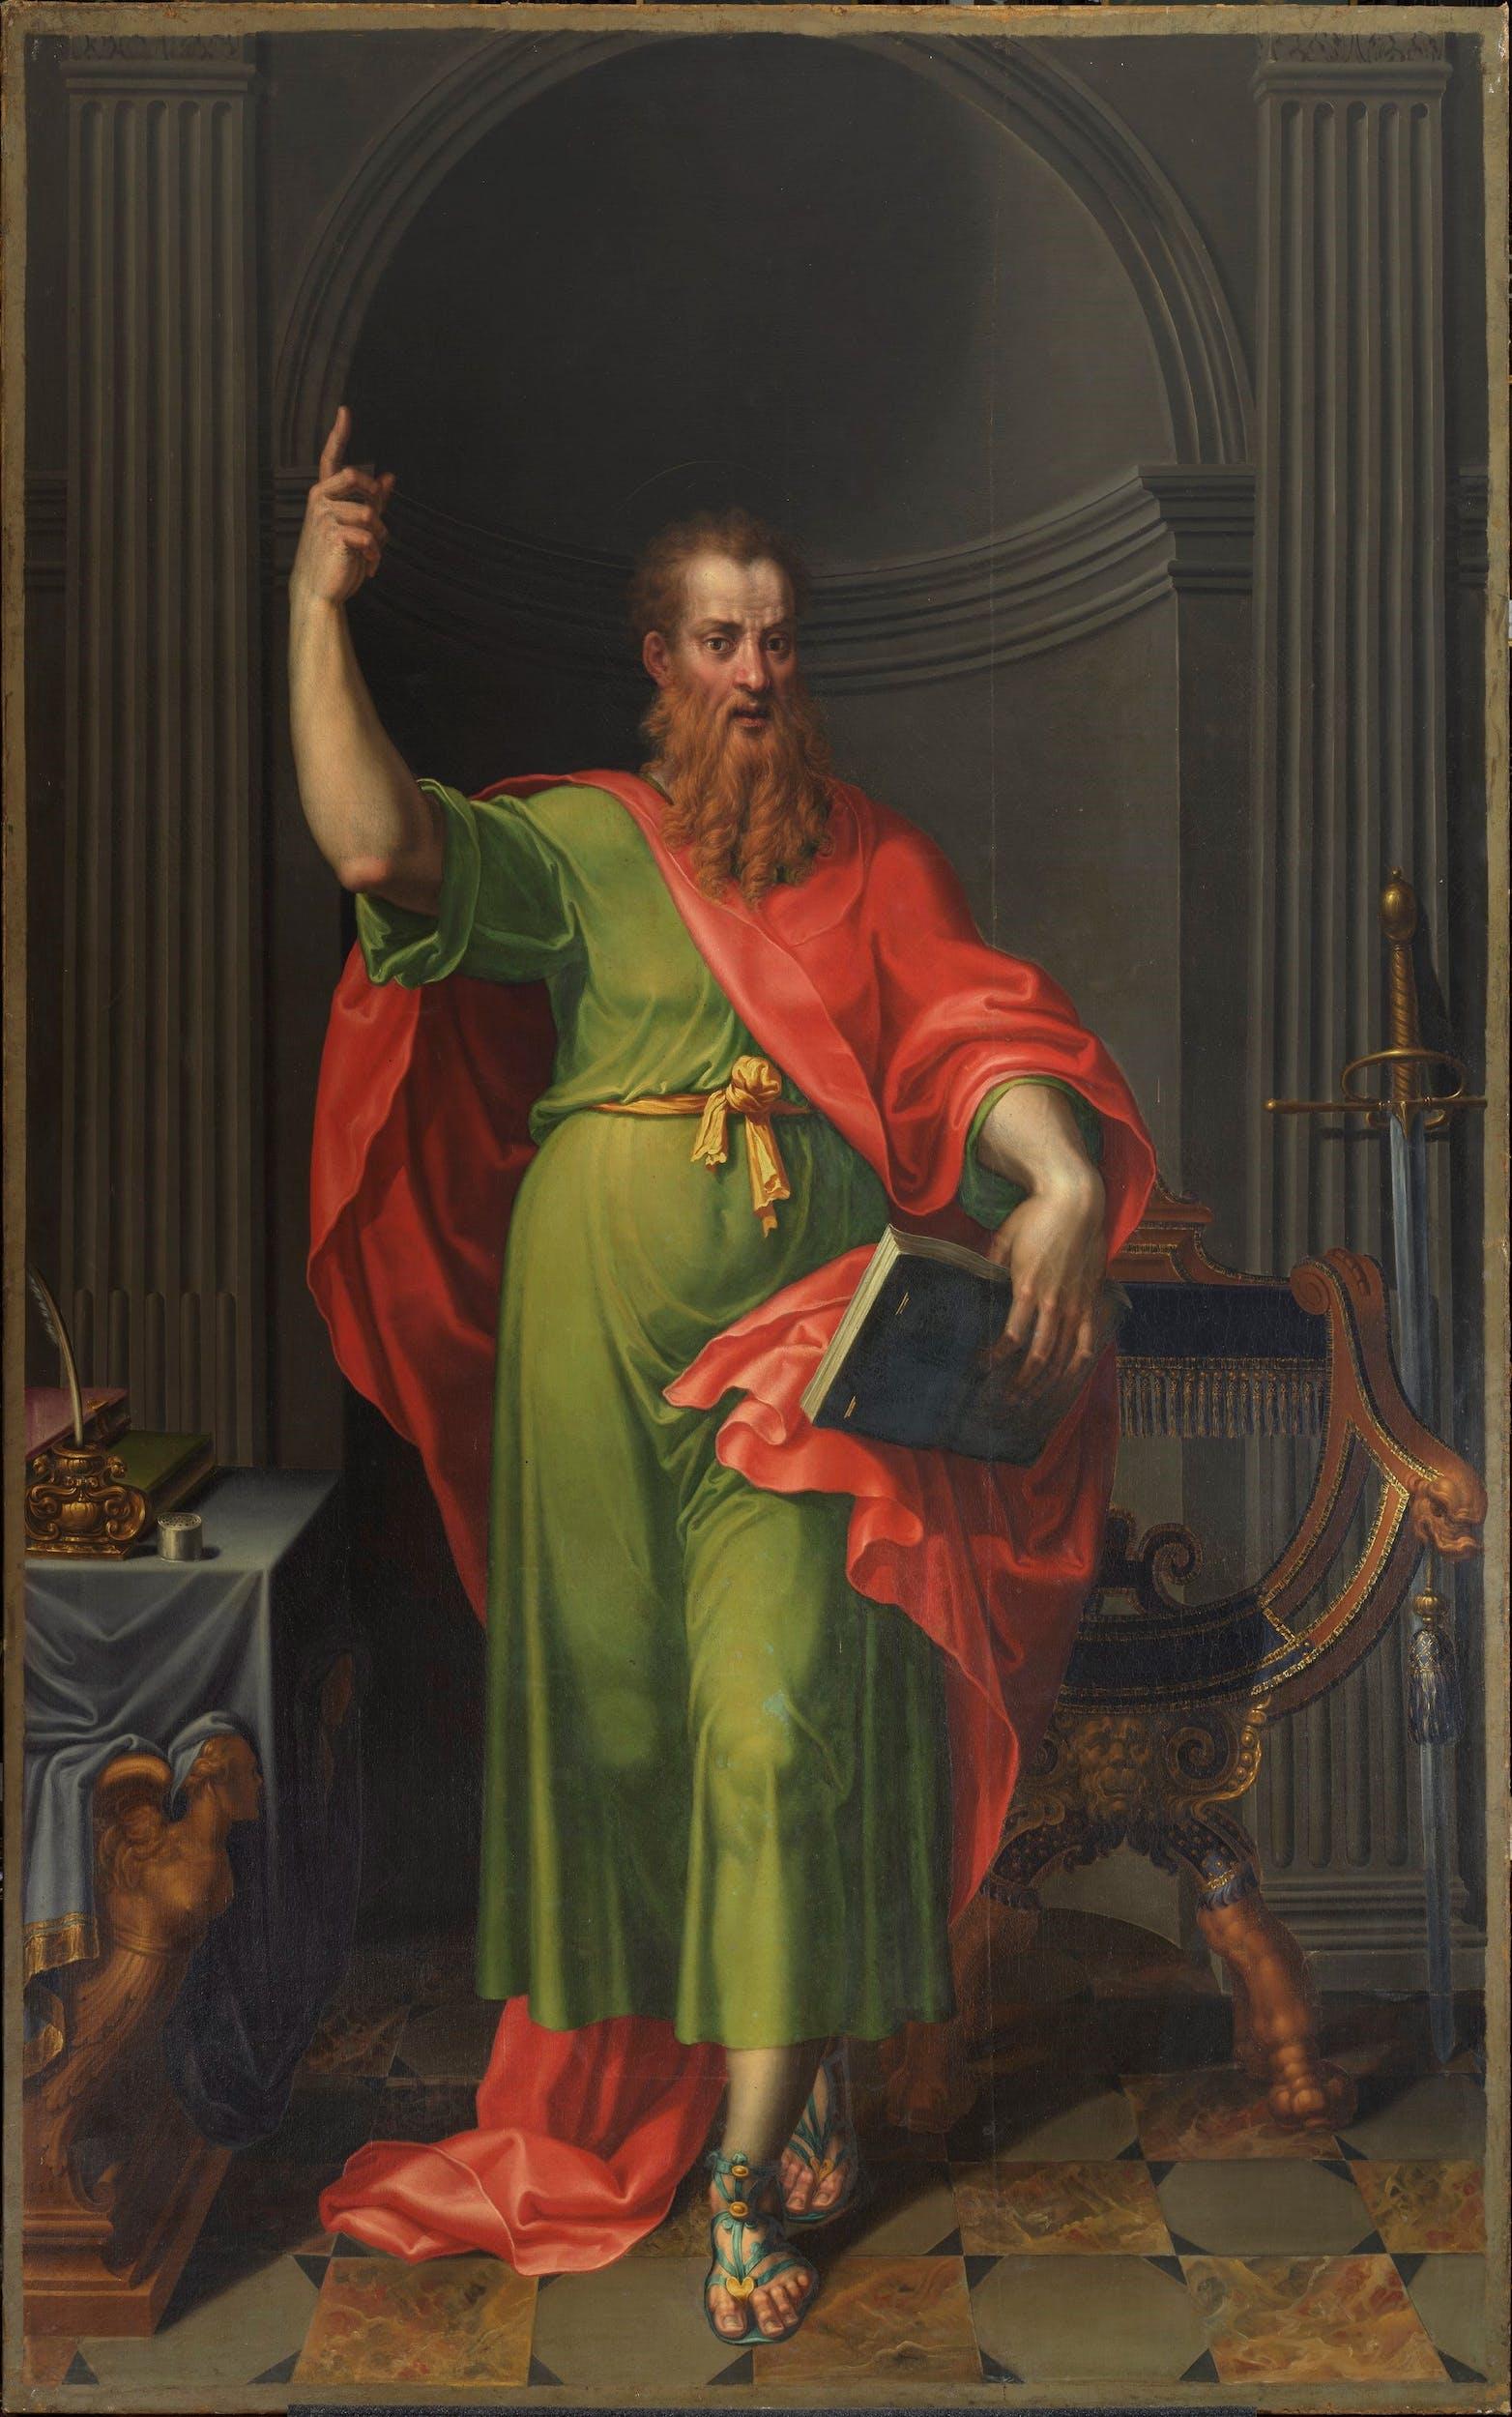 Pellegrino Tibaldi (1527 o 1530/1531 – 1596)  e Giovanni Pietro Gnocchi (1553 circa – 1609),  San Paolo,  275 x 182 cm, olio su tela,1585